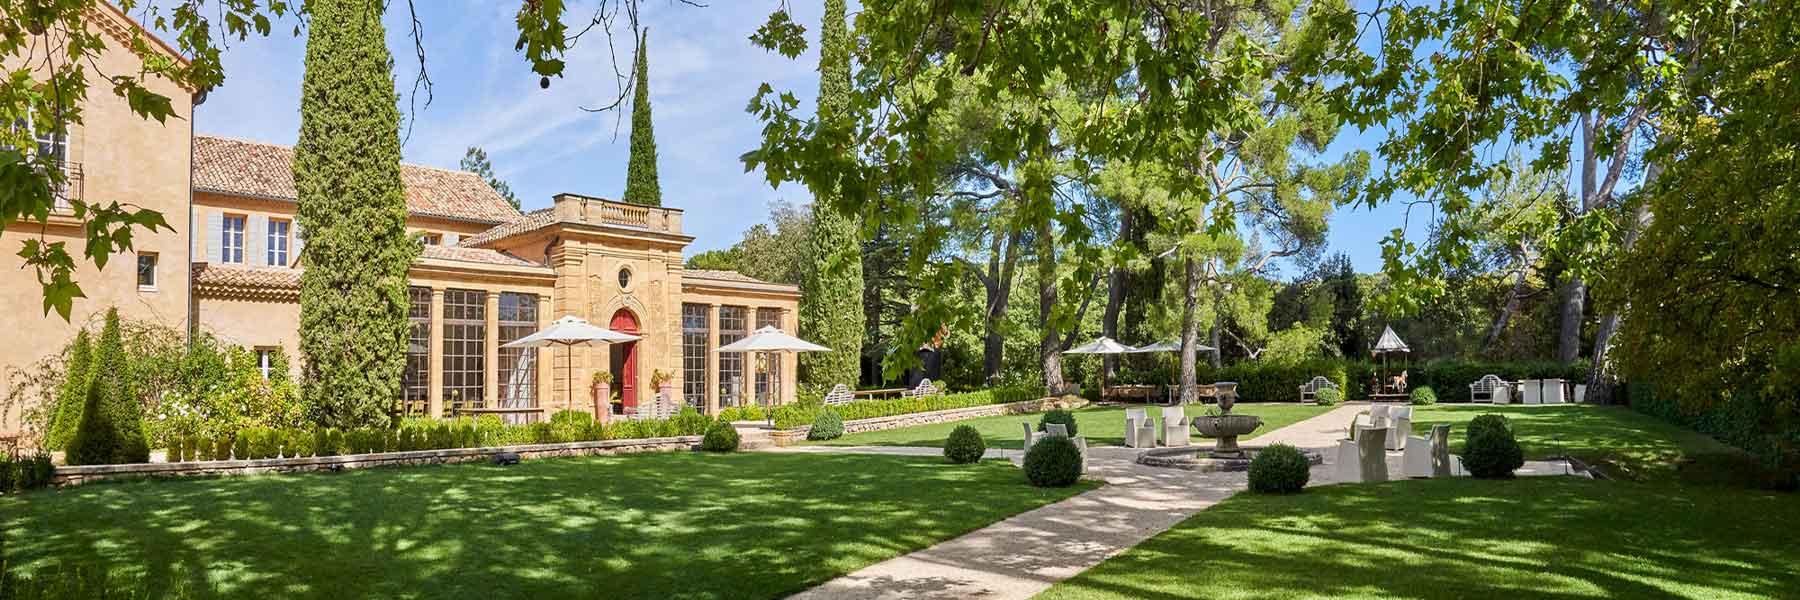 Château de la Gaude, un domaine de prestige à Aix-en-Provence